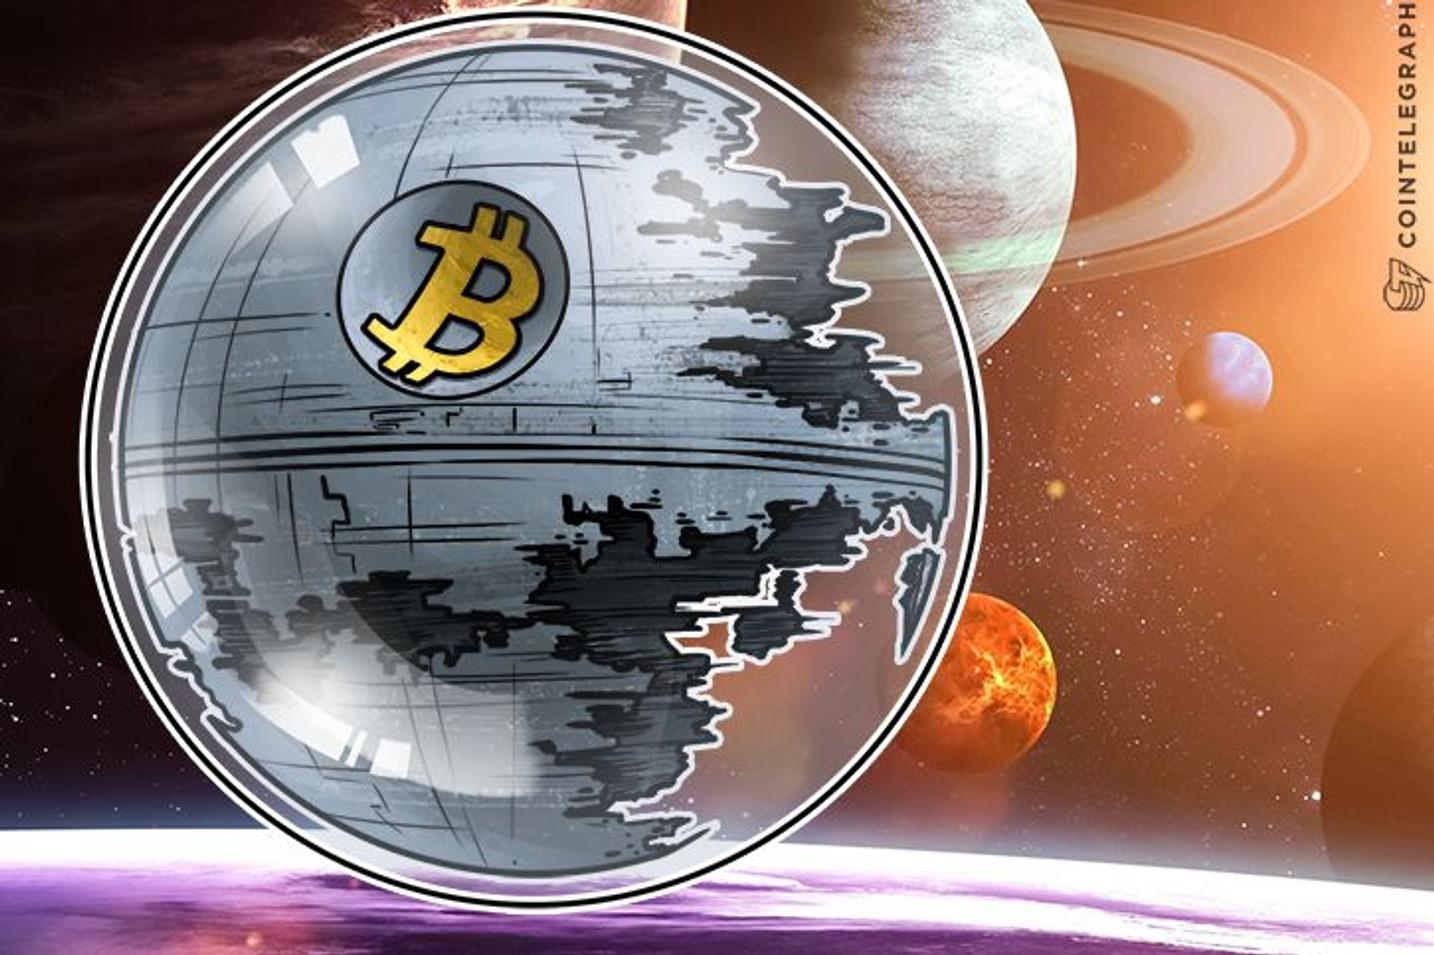 Džozef Lubin veruje da su bitkoin mehuri pozitivna stvar